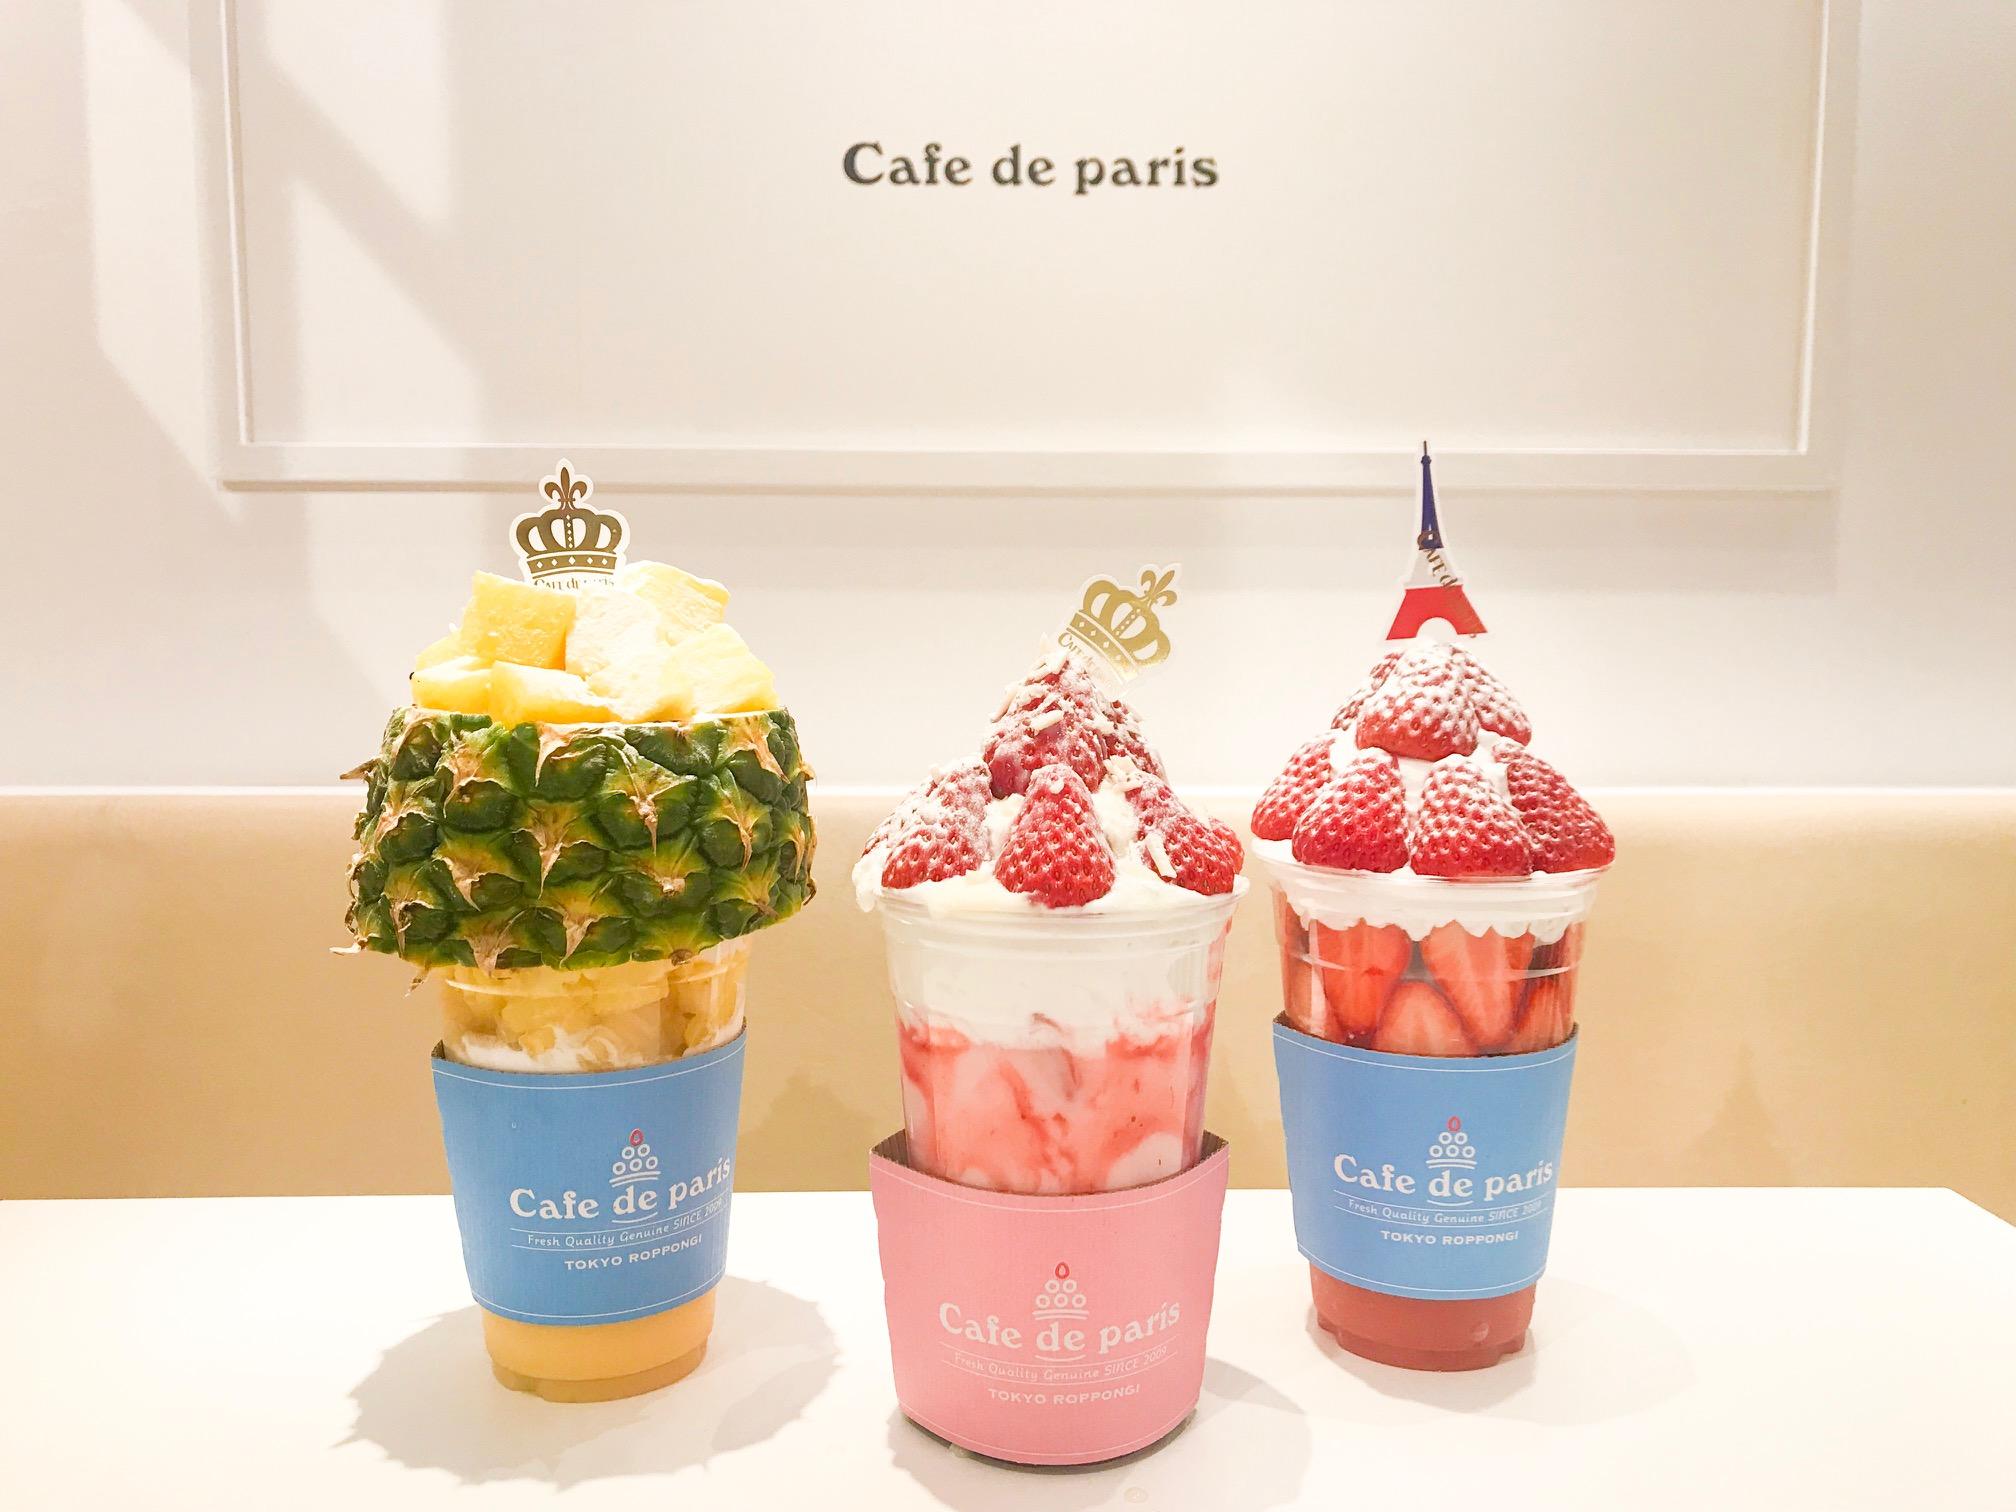 韓国の大人気カフェ『カフェ ド パリ』が「六本木ヒルズ」に期間限定OPEN中。限定「ストロベリーホワイトチョコボンボン」を見逃すな♡_2